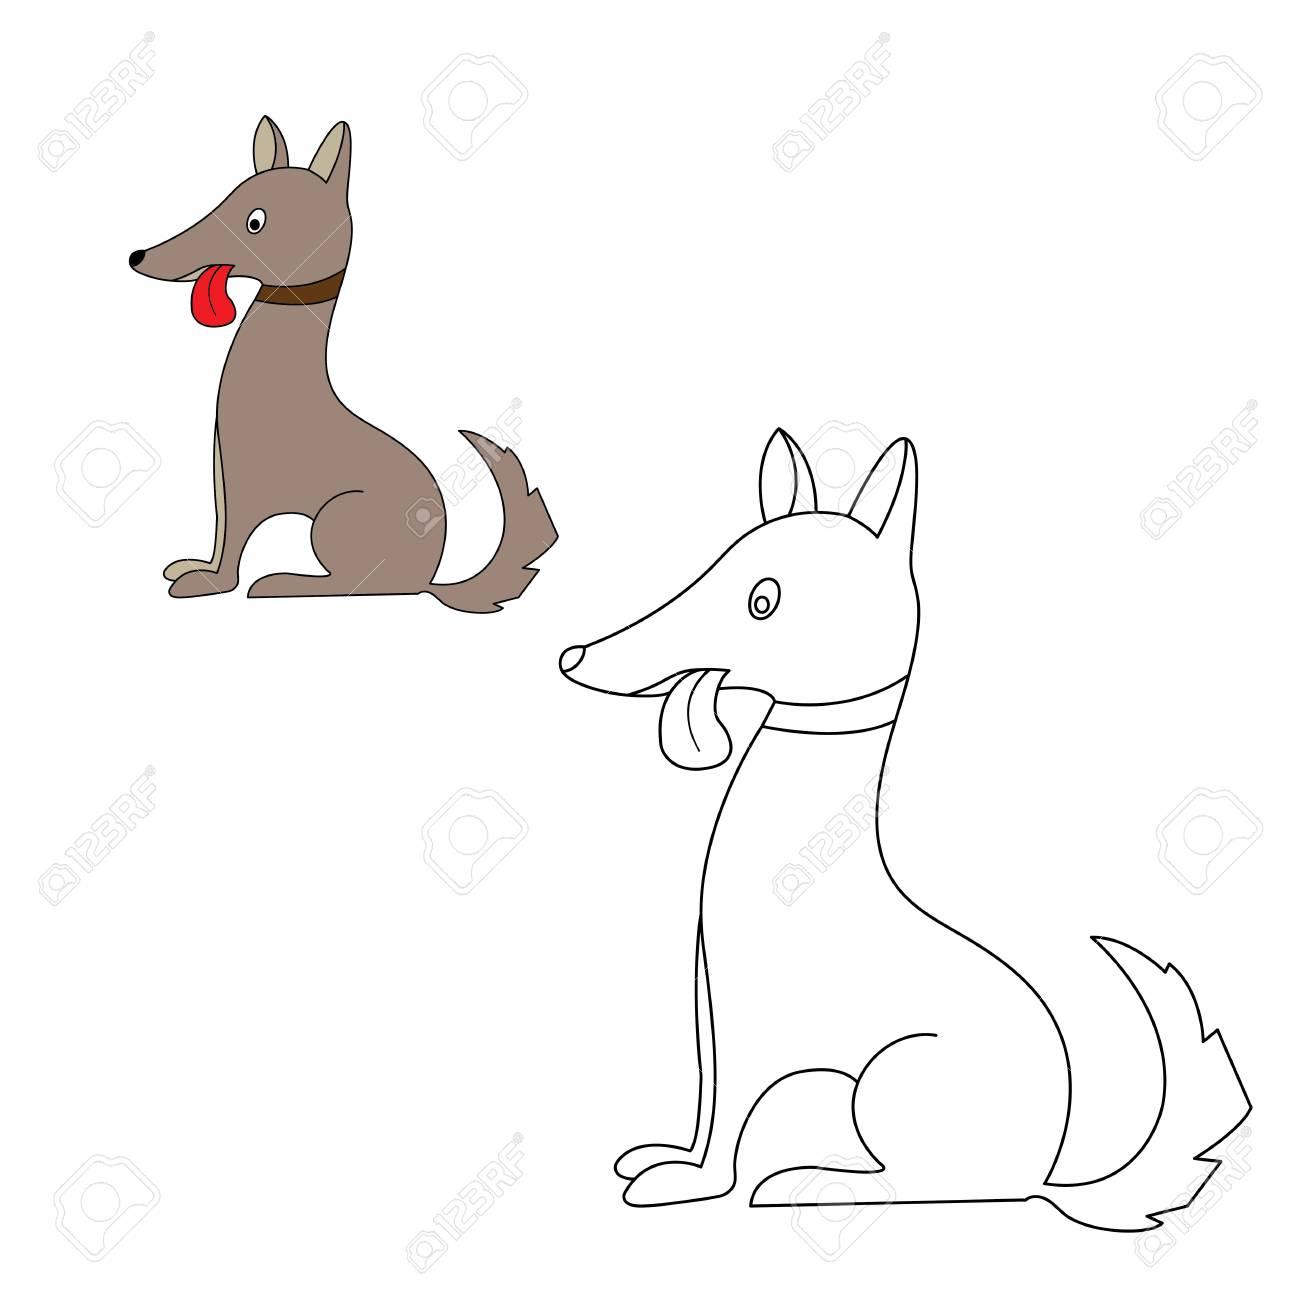 Ziemlich Hund Gesicht Färbung Seite Zeitgenössisch - Entry Level ...